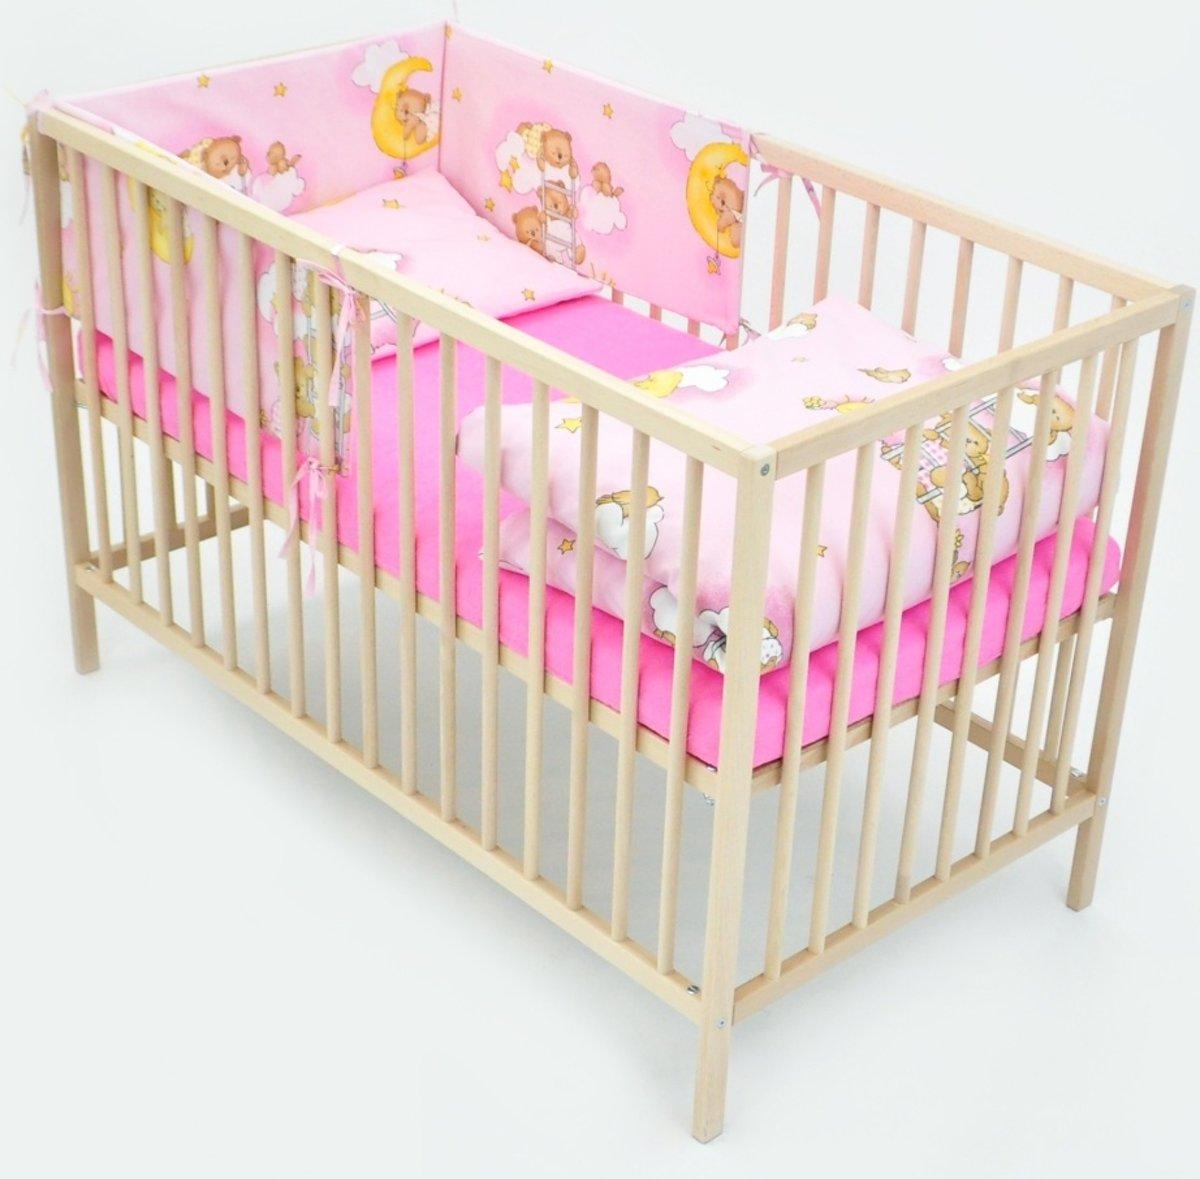 Beddengoed set - 6 delig - voor 120x60cm ledikant - beertjes met hemel roze kopen